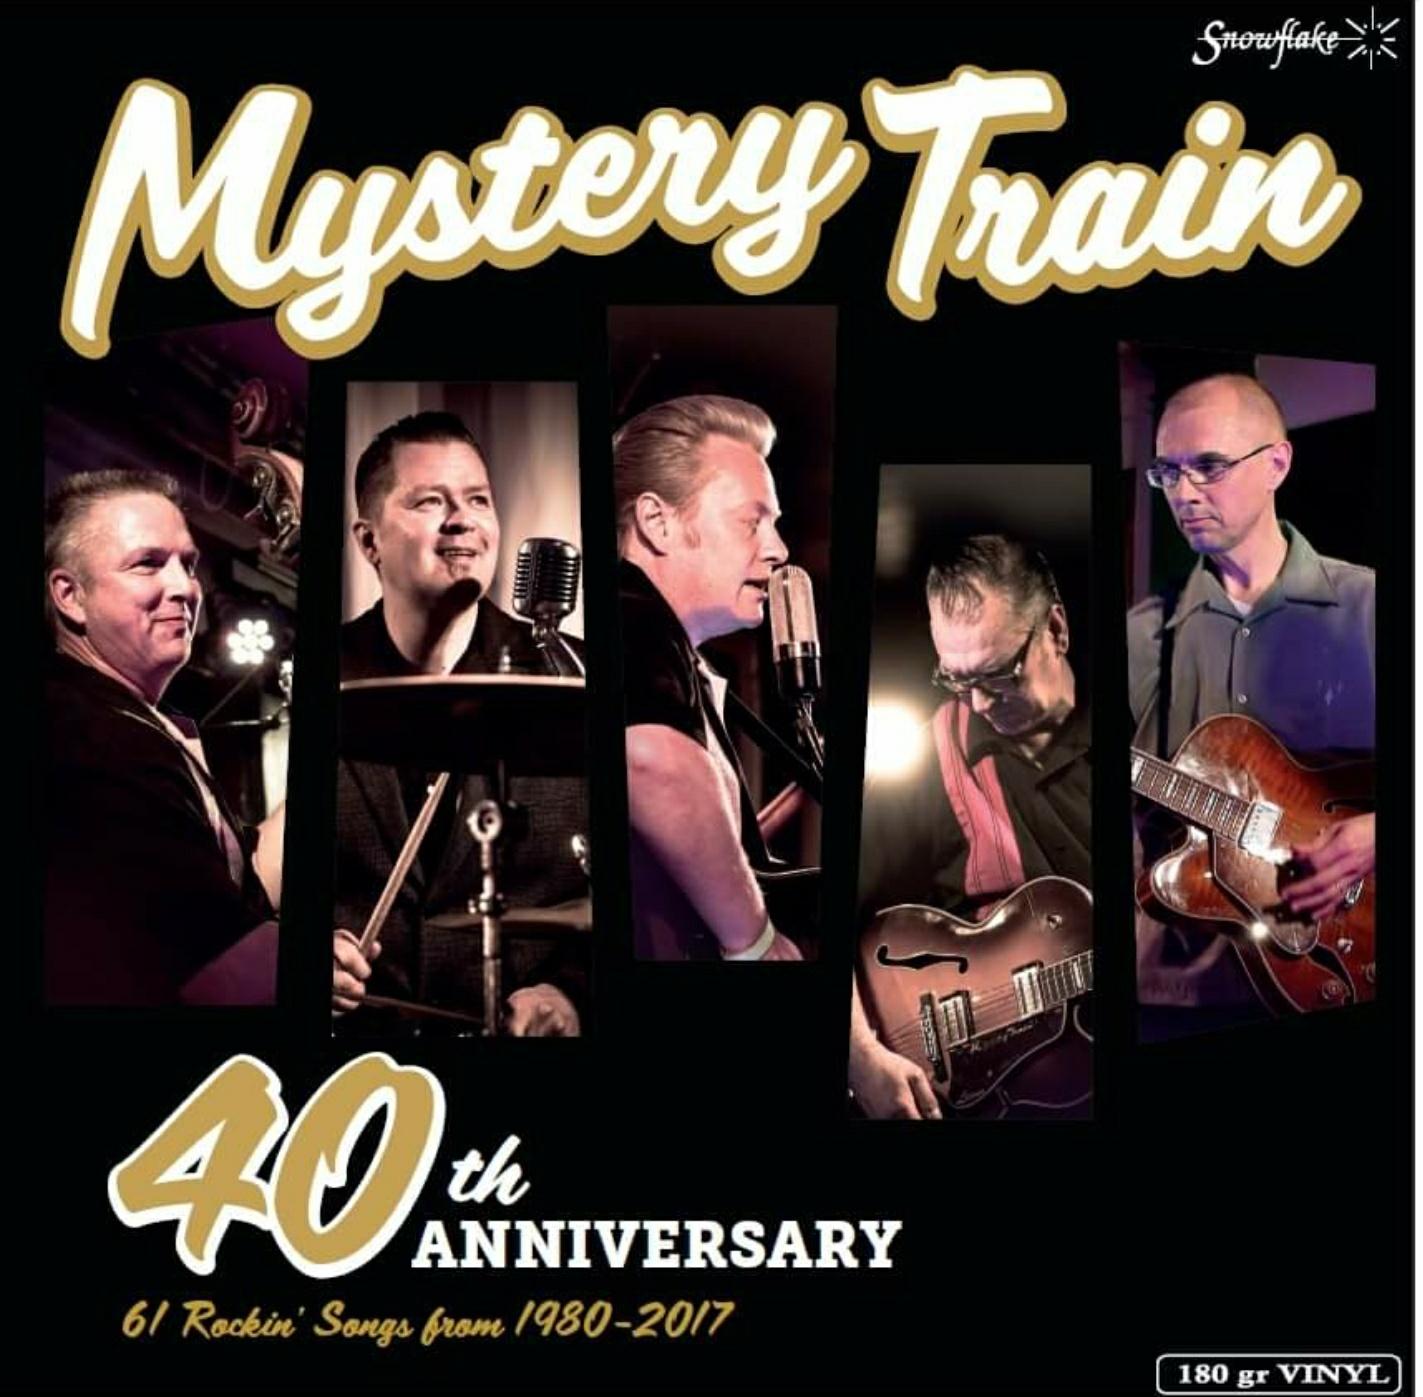 La 13.11. Mystery Train